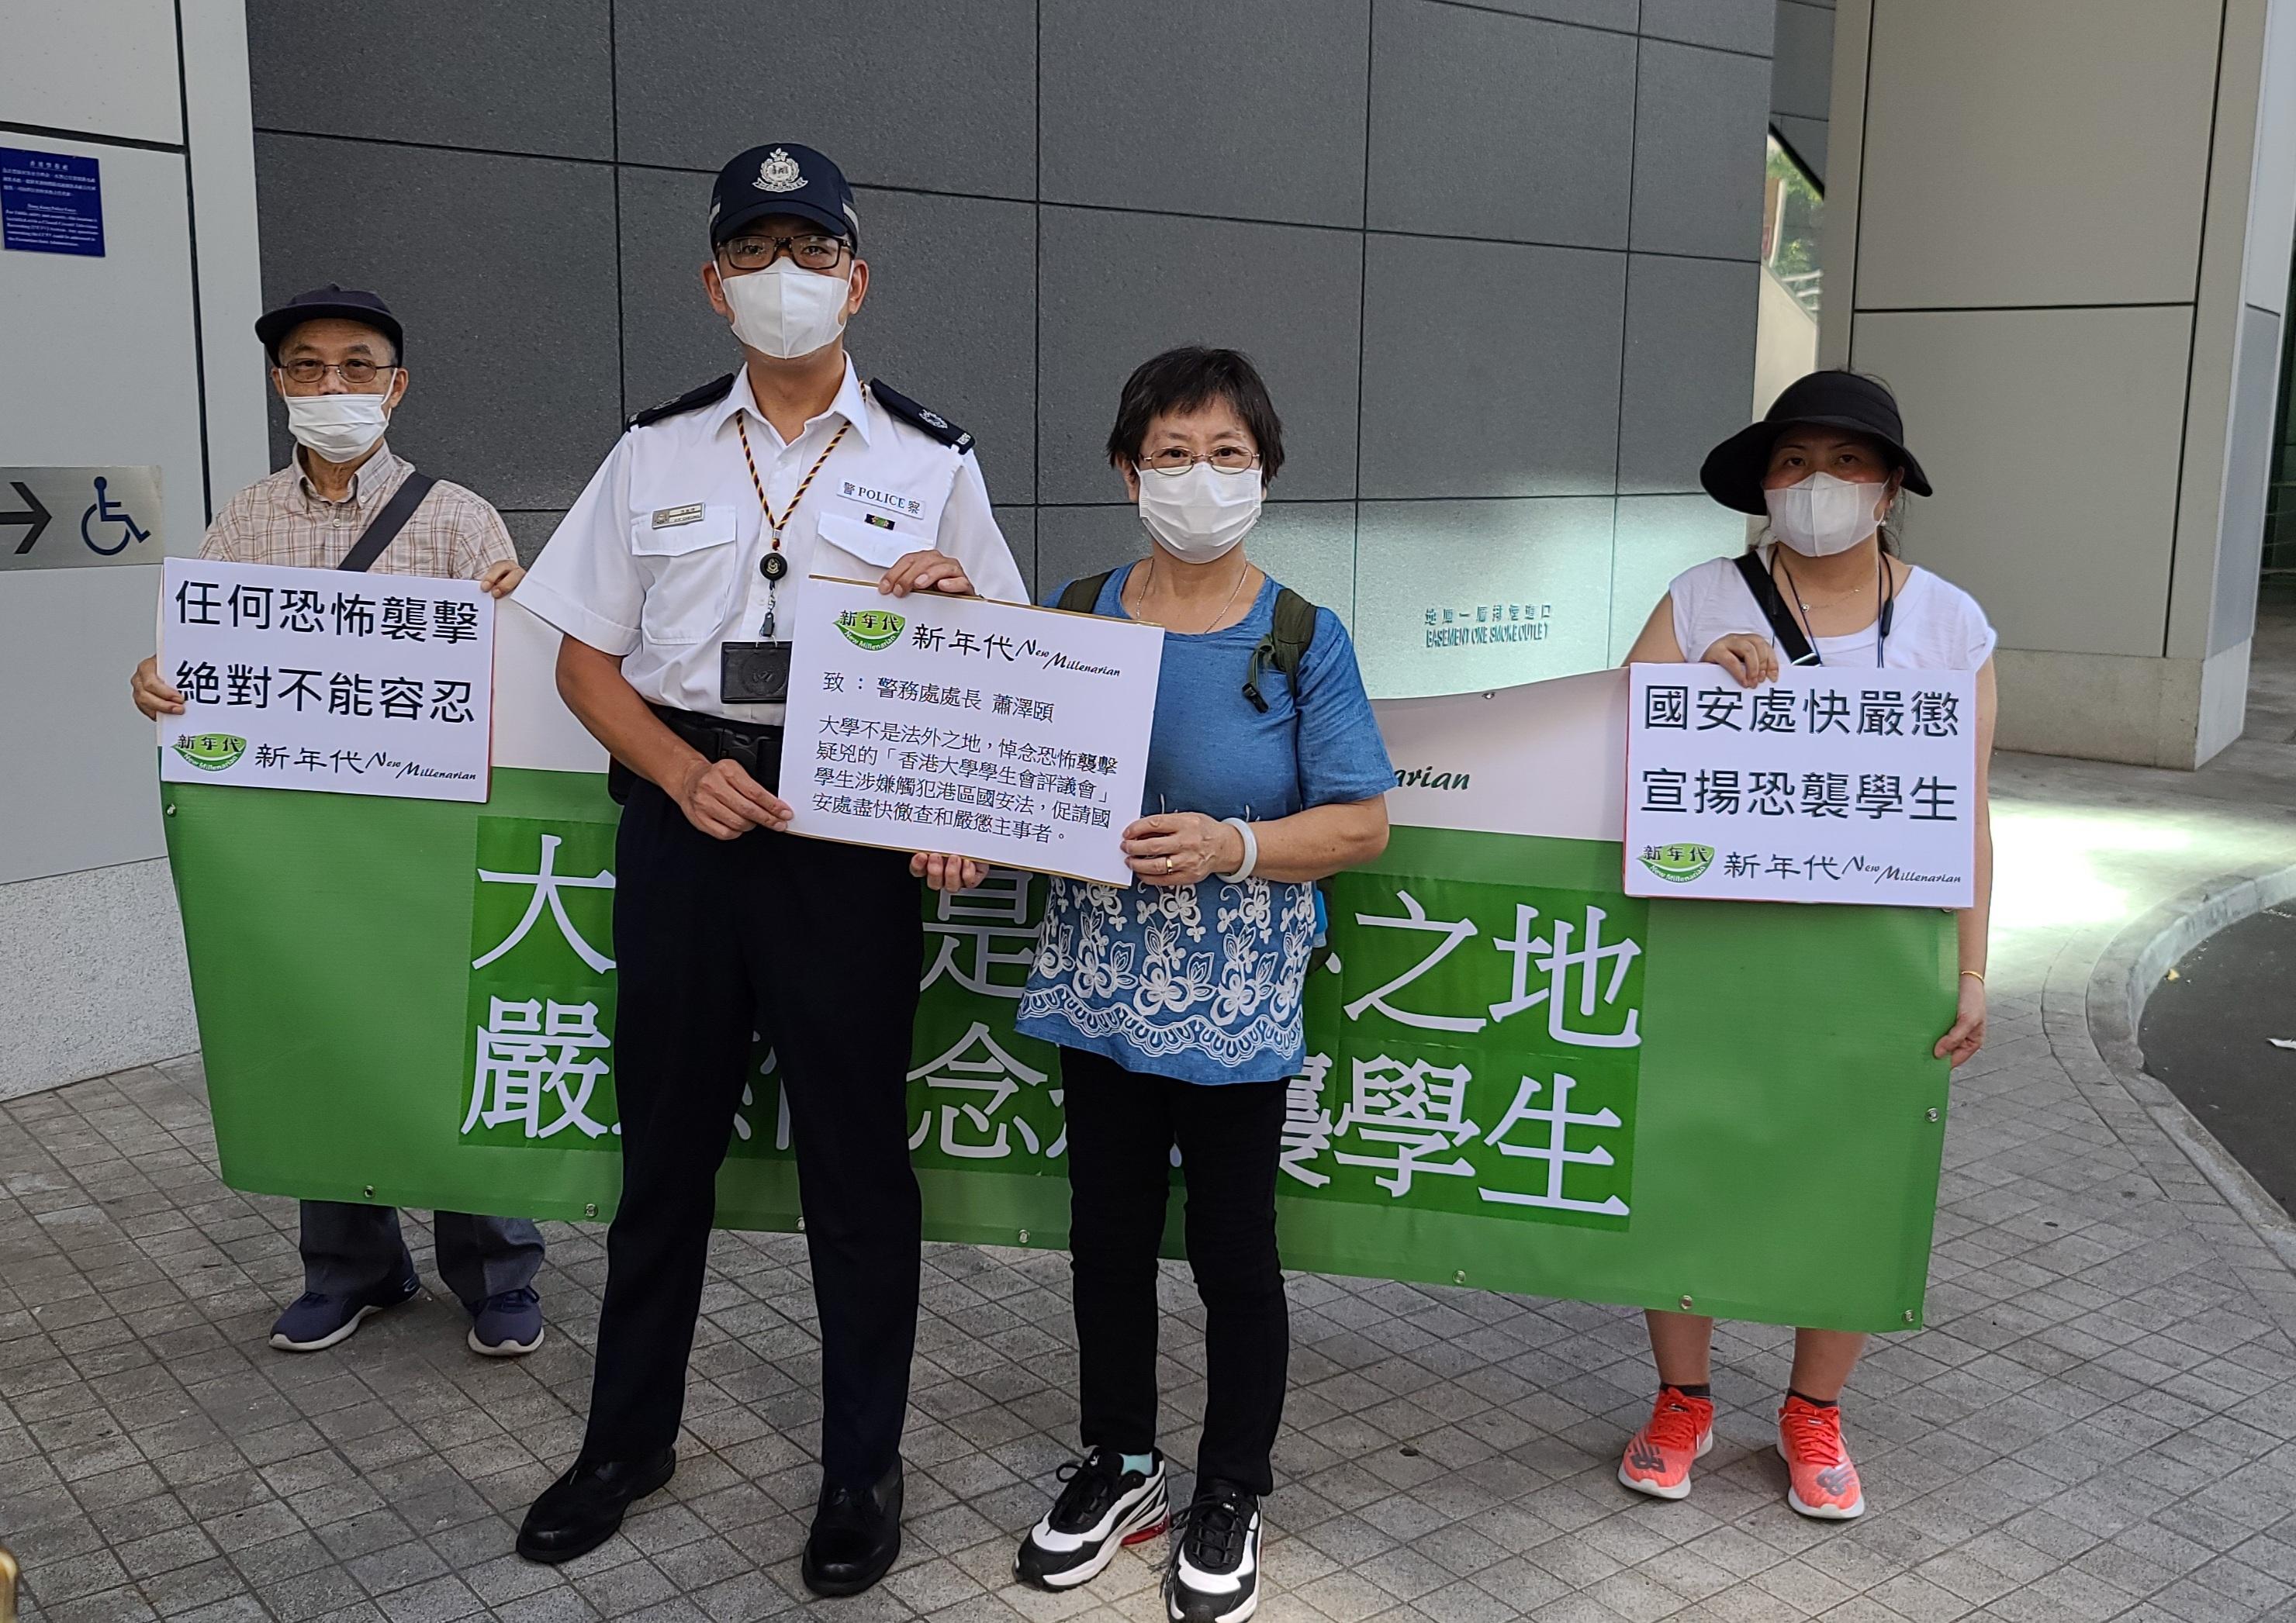 有片|市民促嚴厲打擊亂港學生組織 開除違法人員